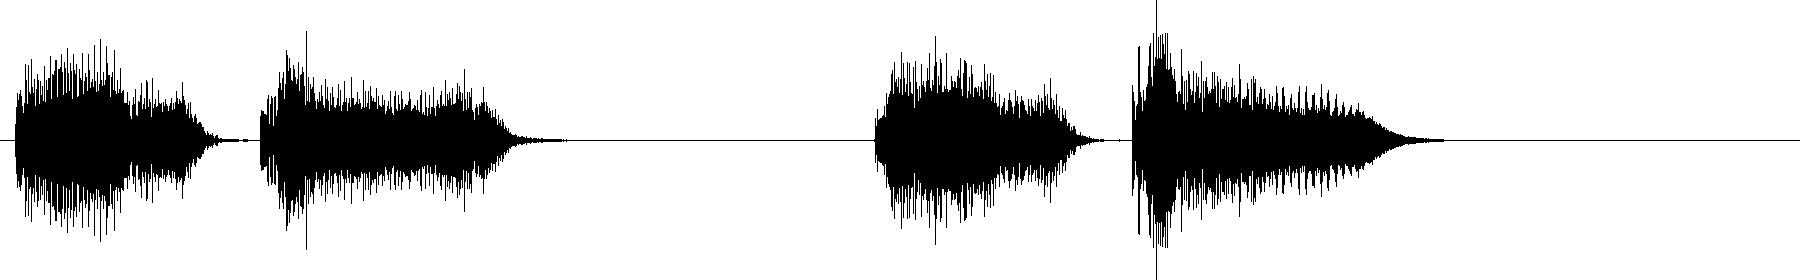 vocal fx   naming techno genre 140 bpm